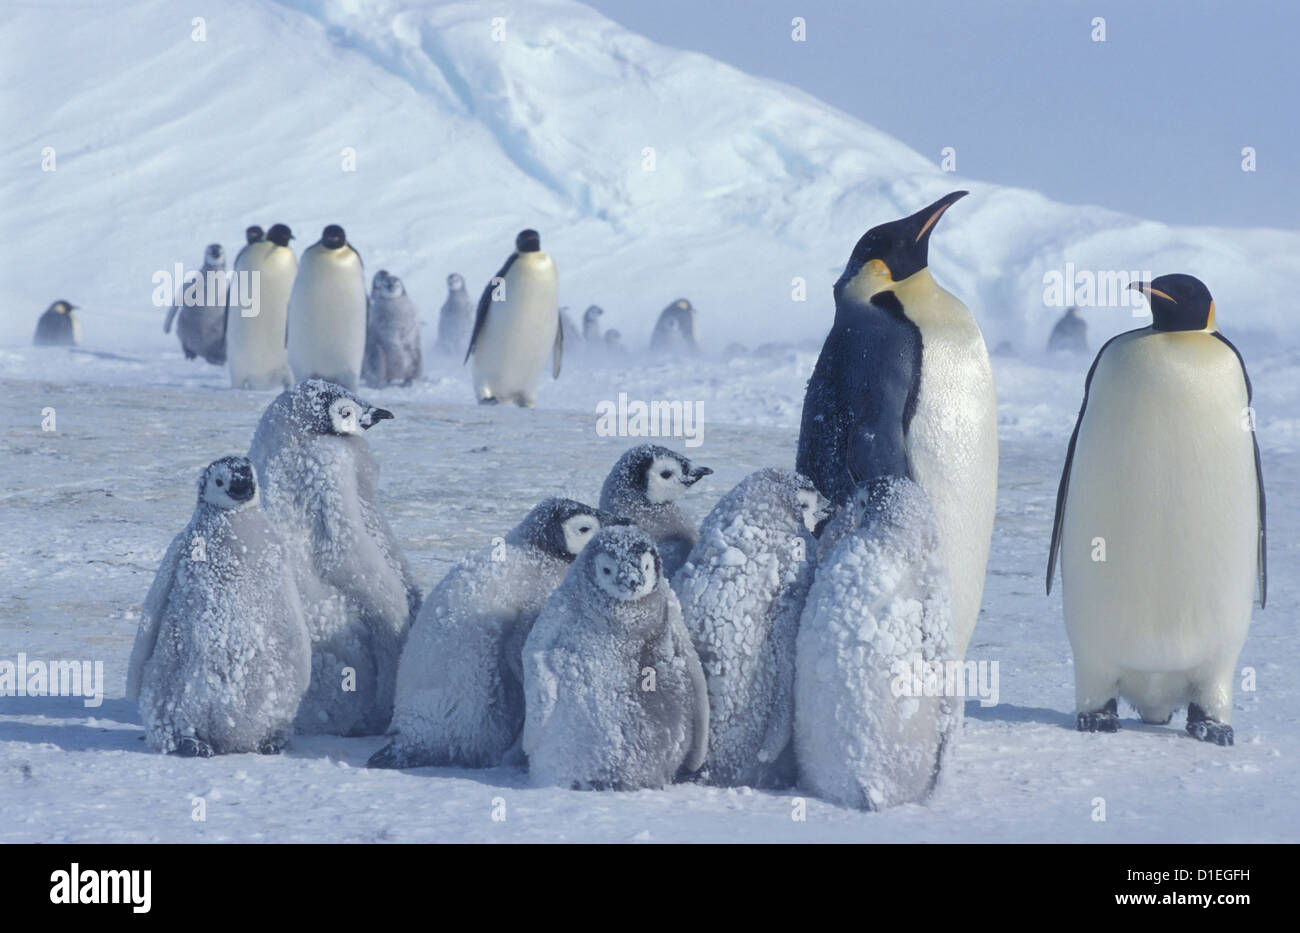 Pinguini imperatore (Aptenodytes forsteri), ghiacciaio Dawson-Lambton, Antartide Immagini Stock